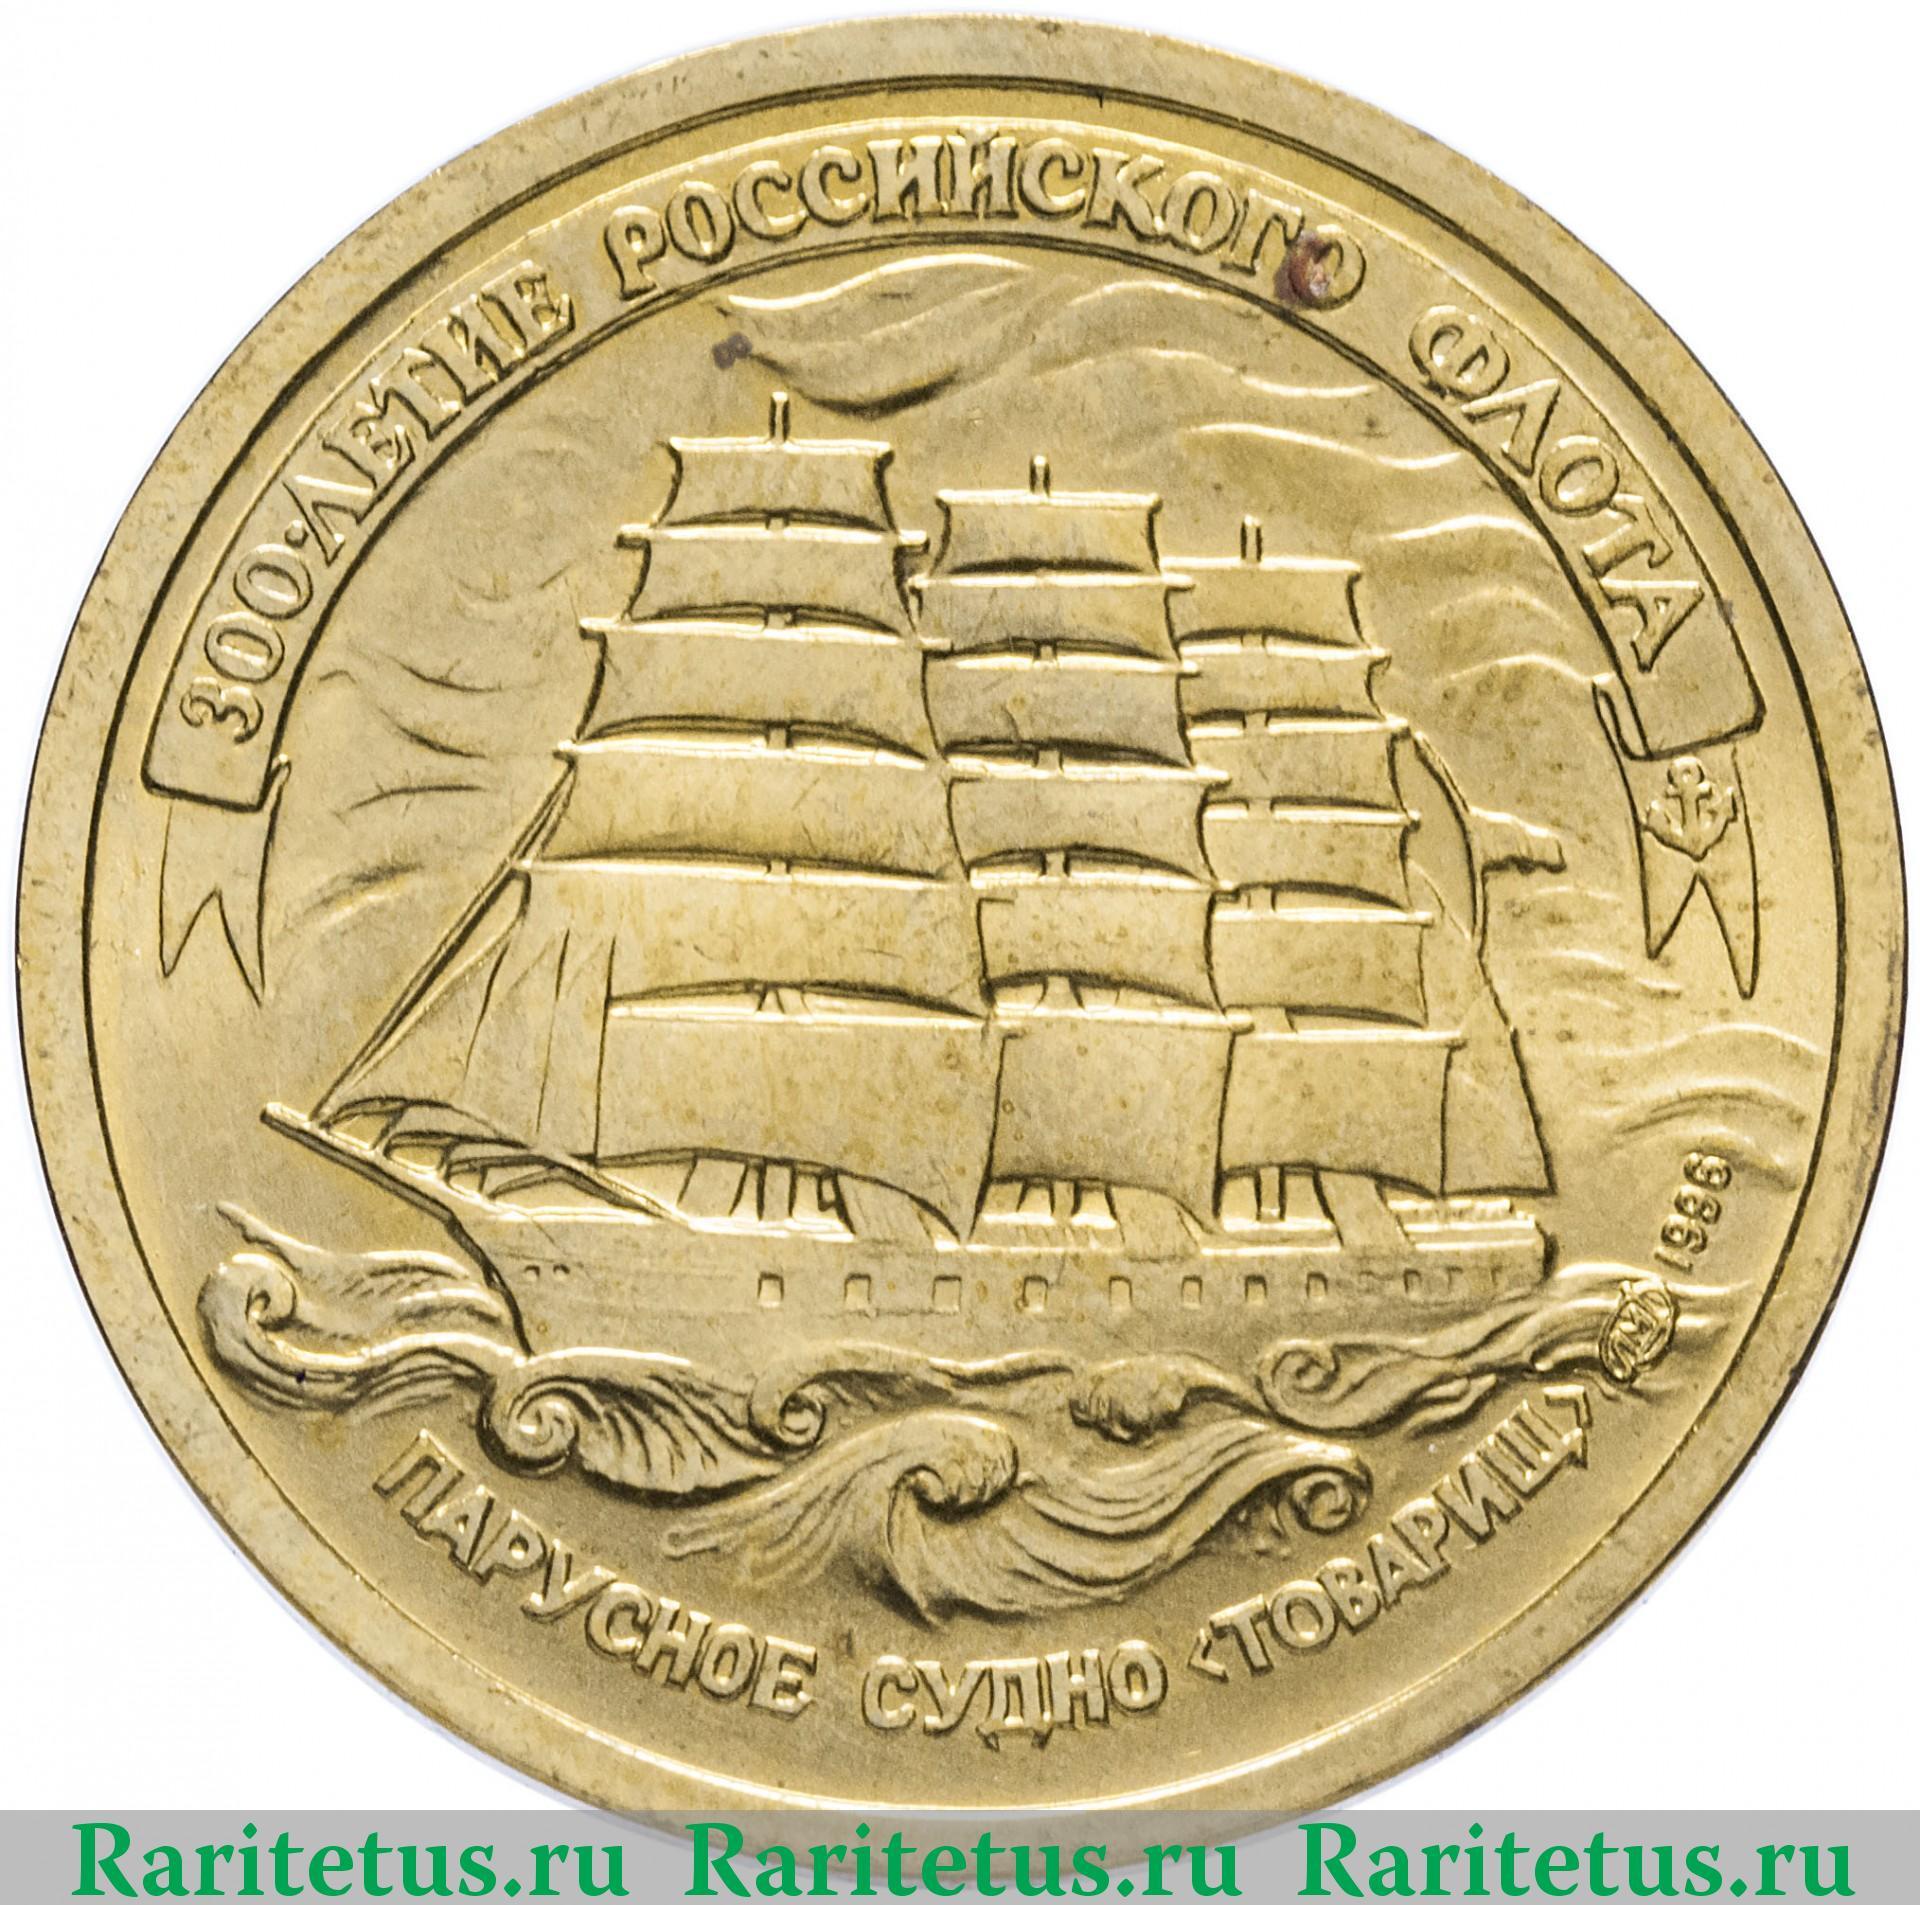 Юбилейная монета парусника мир стоимость монеты денга 1738 года